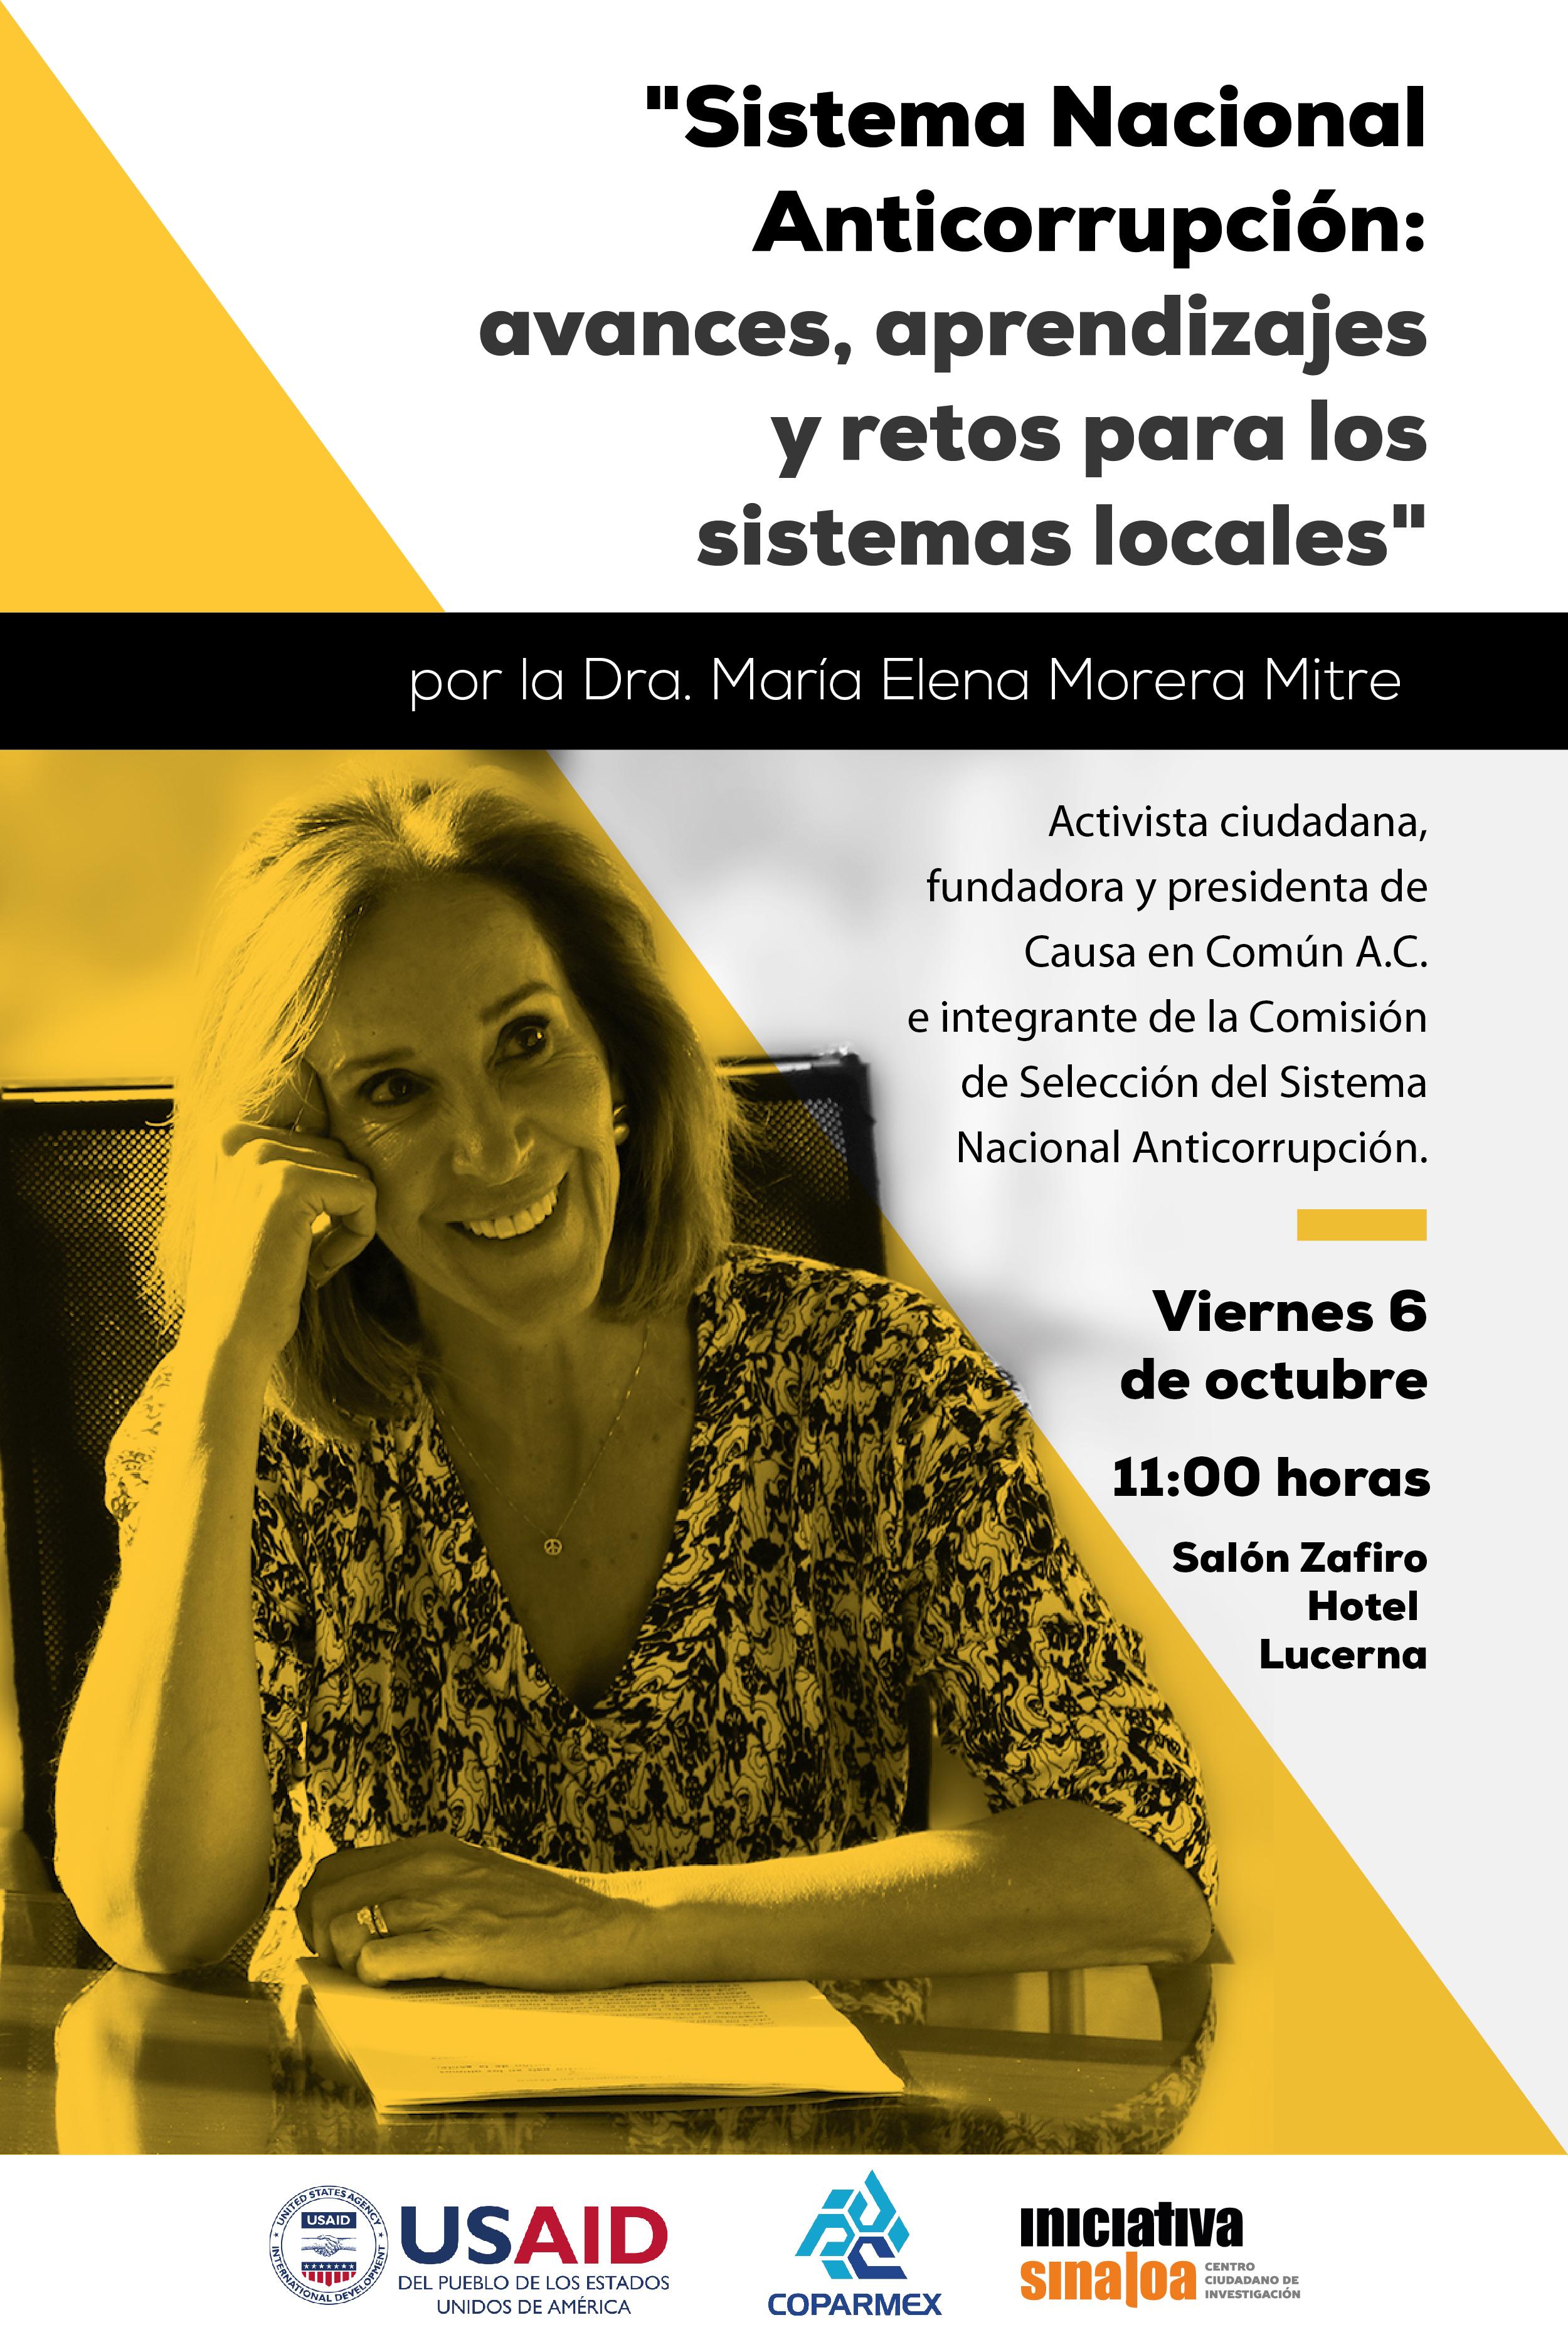 INVITACIÓN María Elena Morera